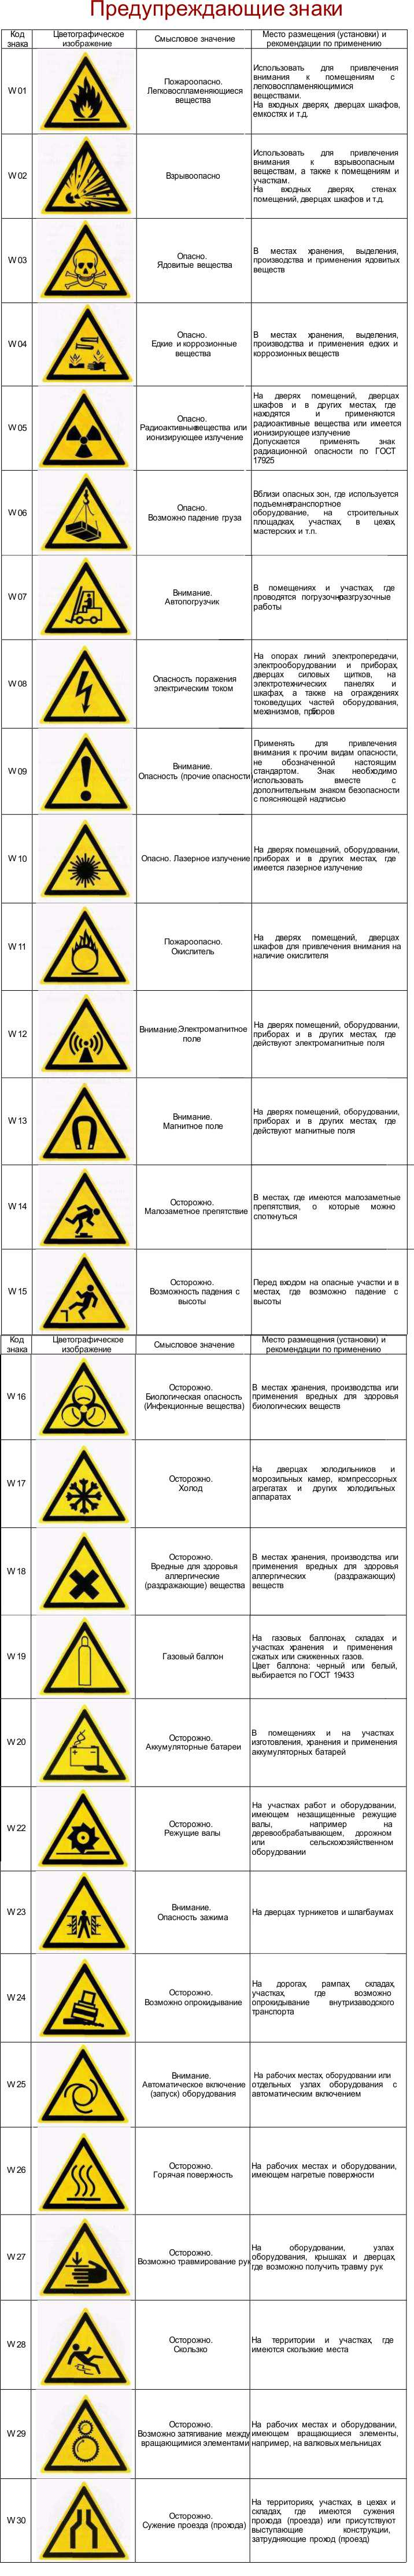 Предупр знаки